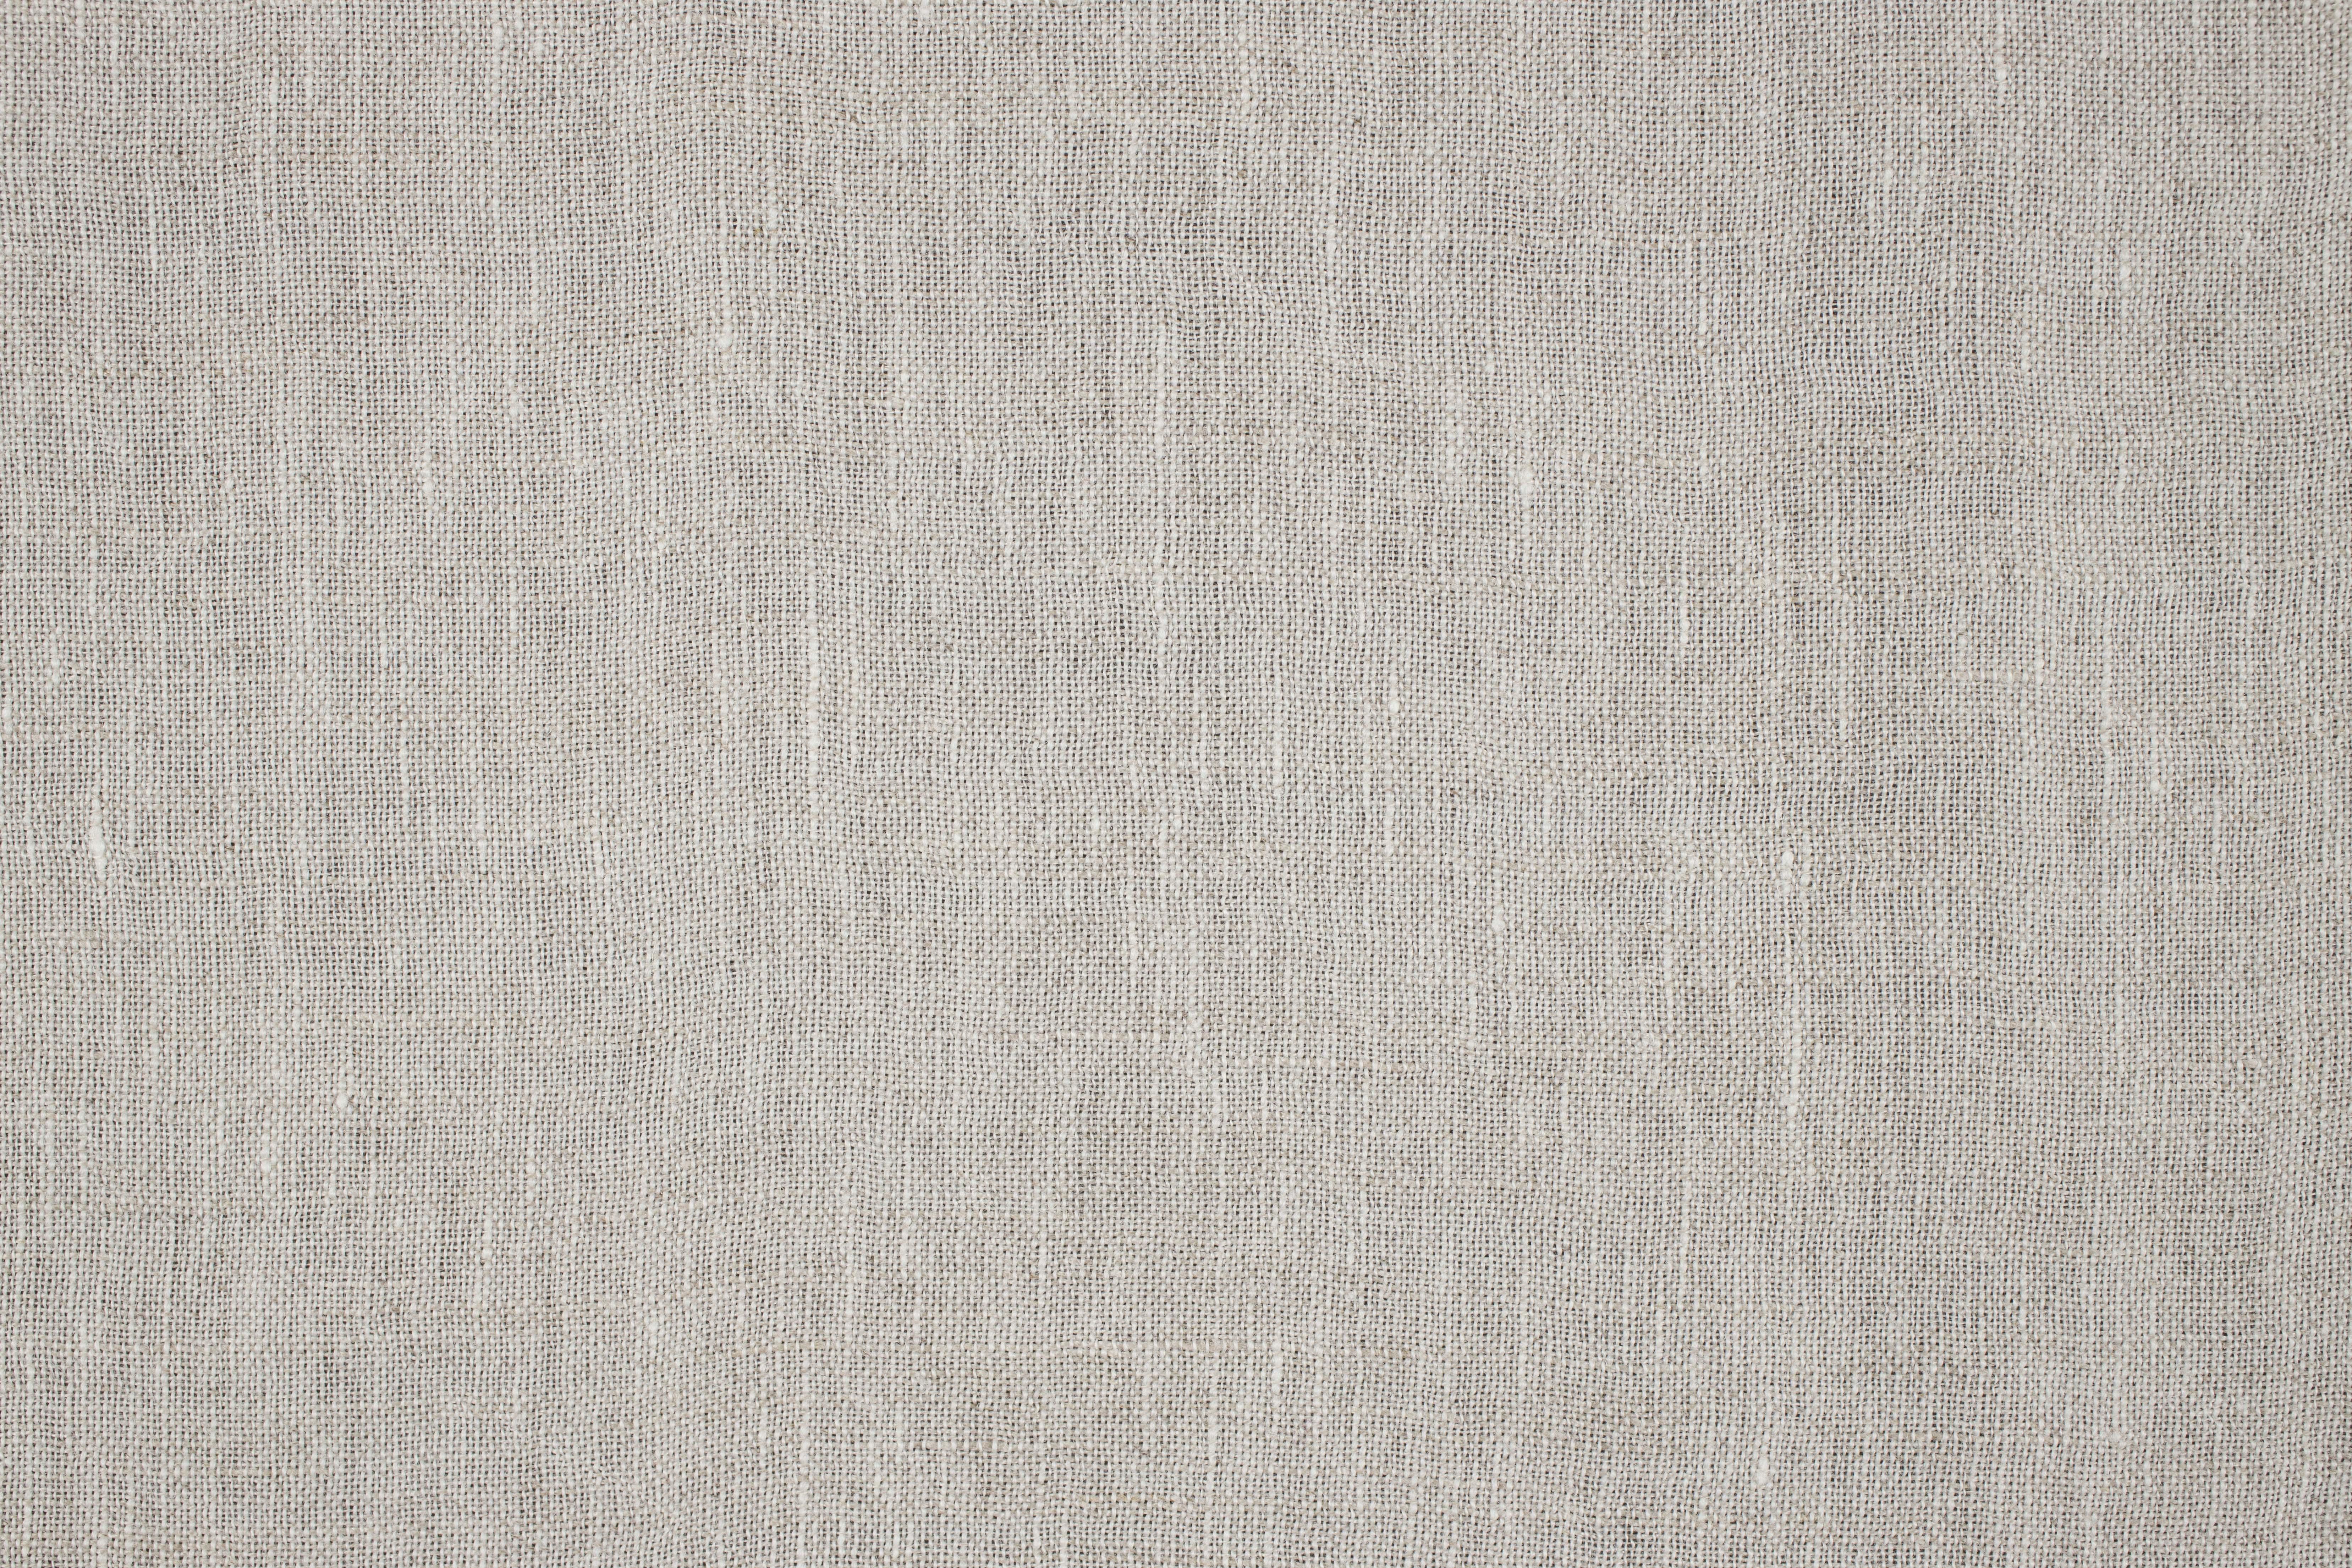 PERSICO MACHE' White/Natural